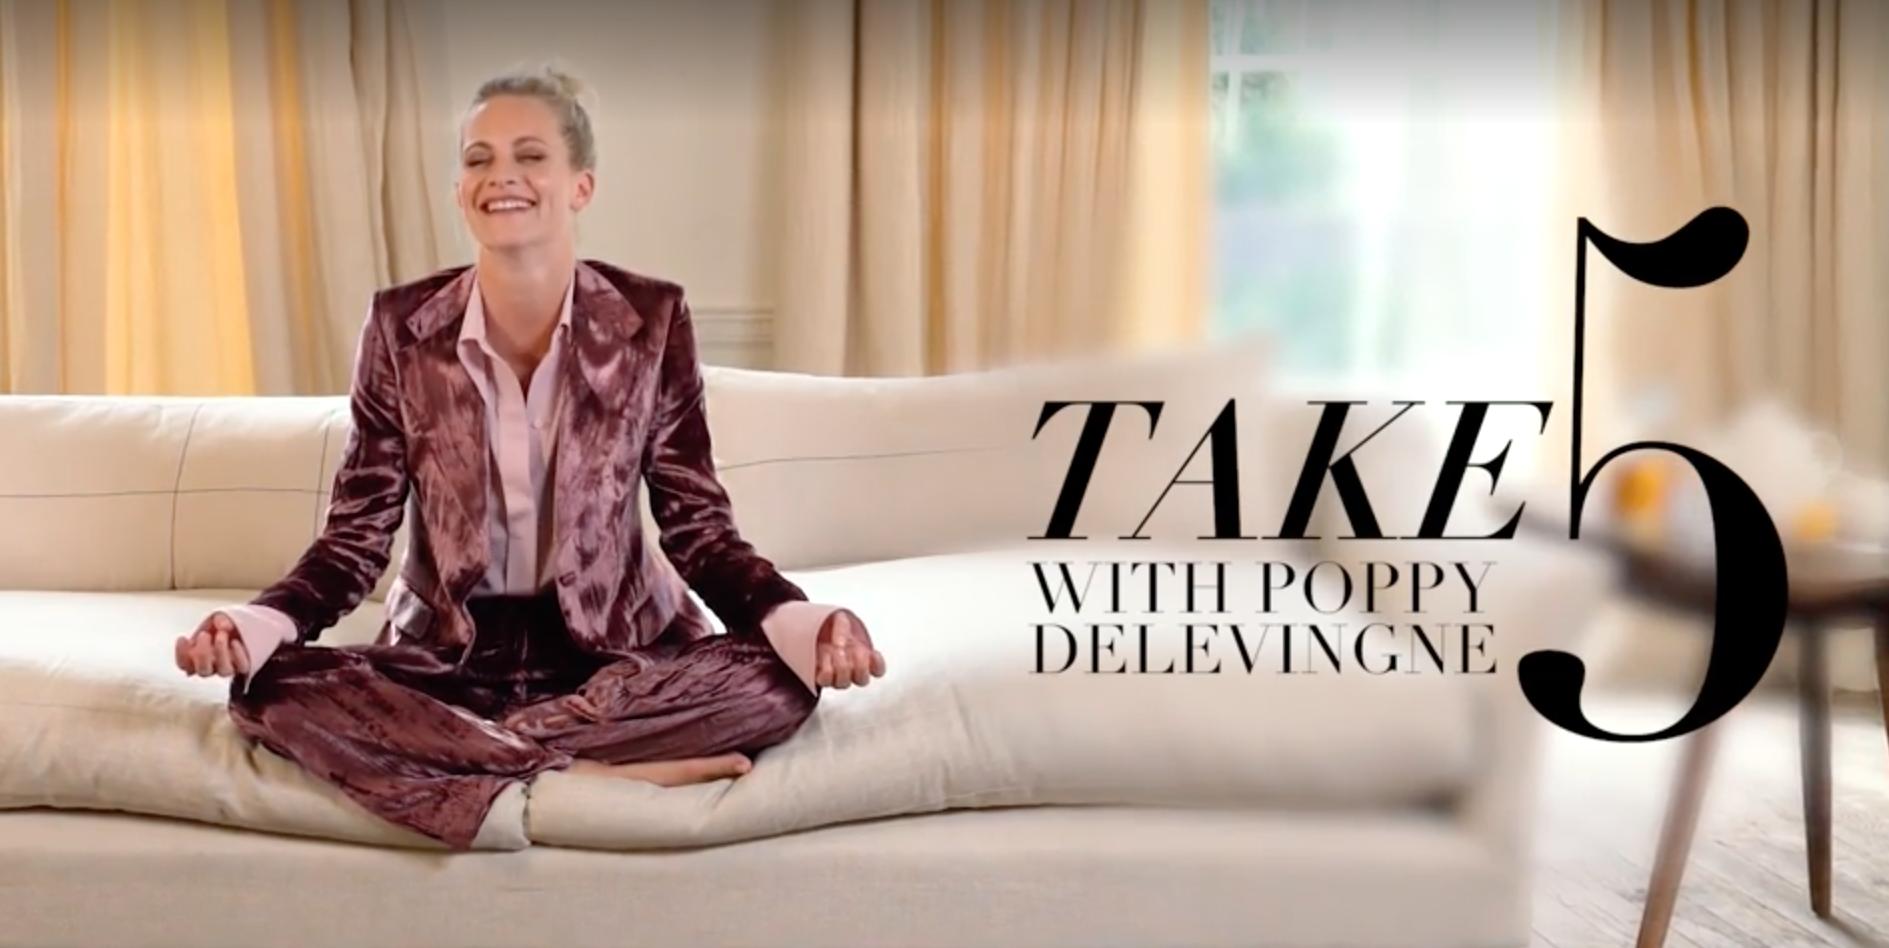 Take 5 with Poppy Delevingne